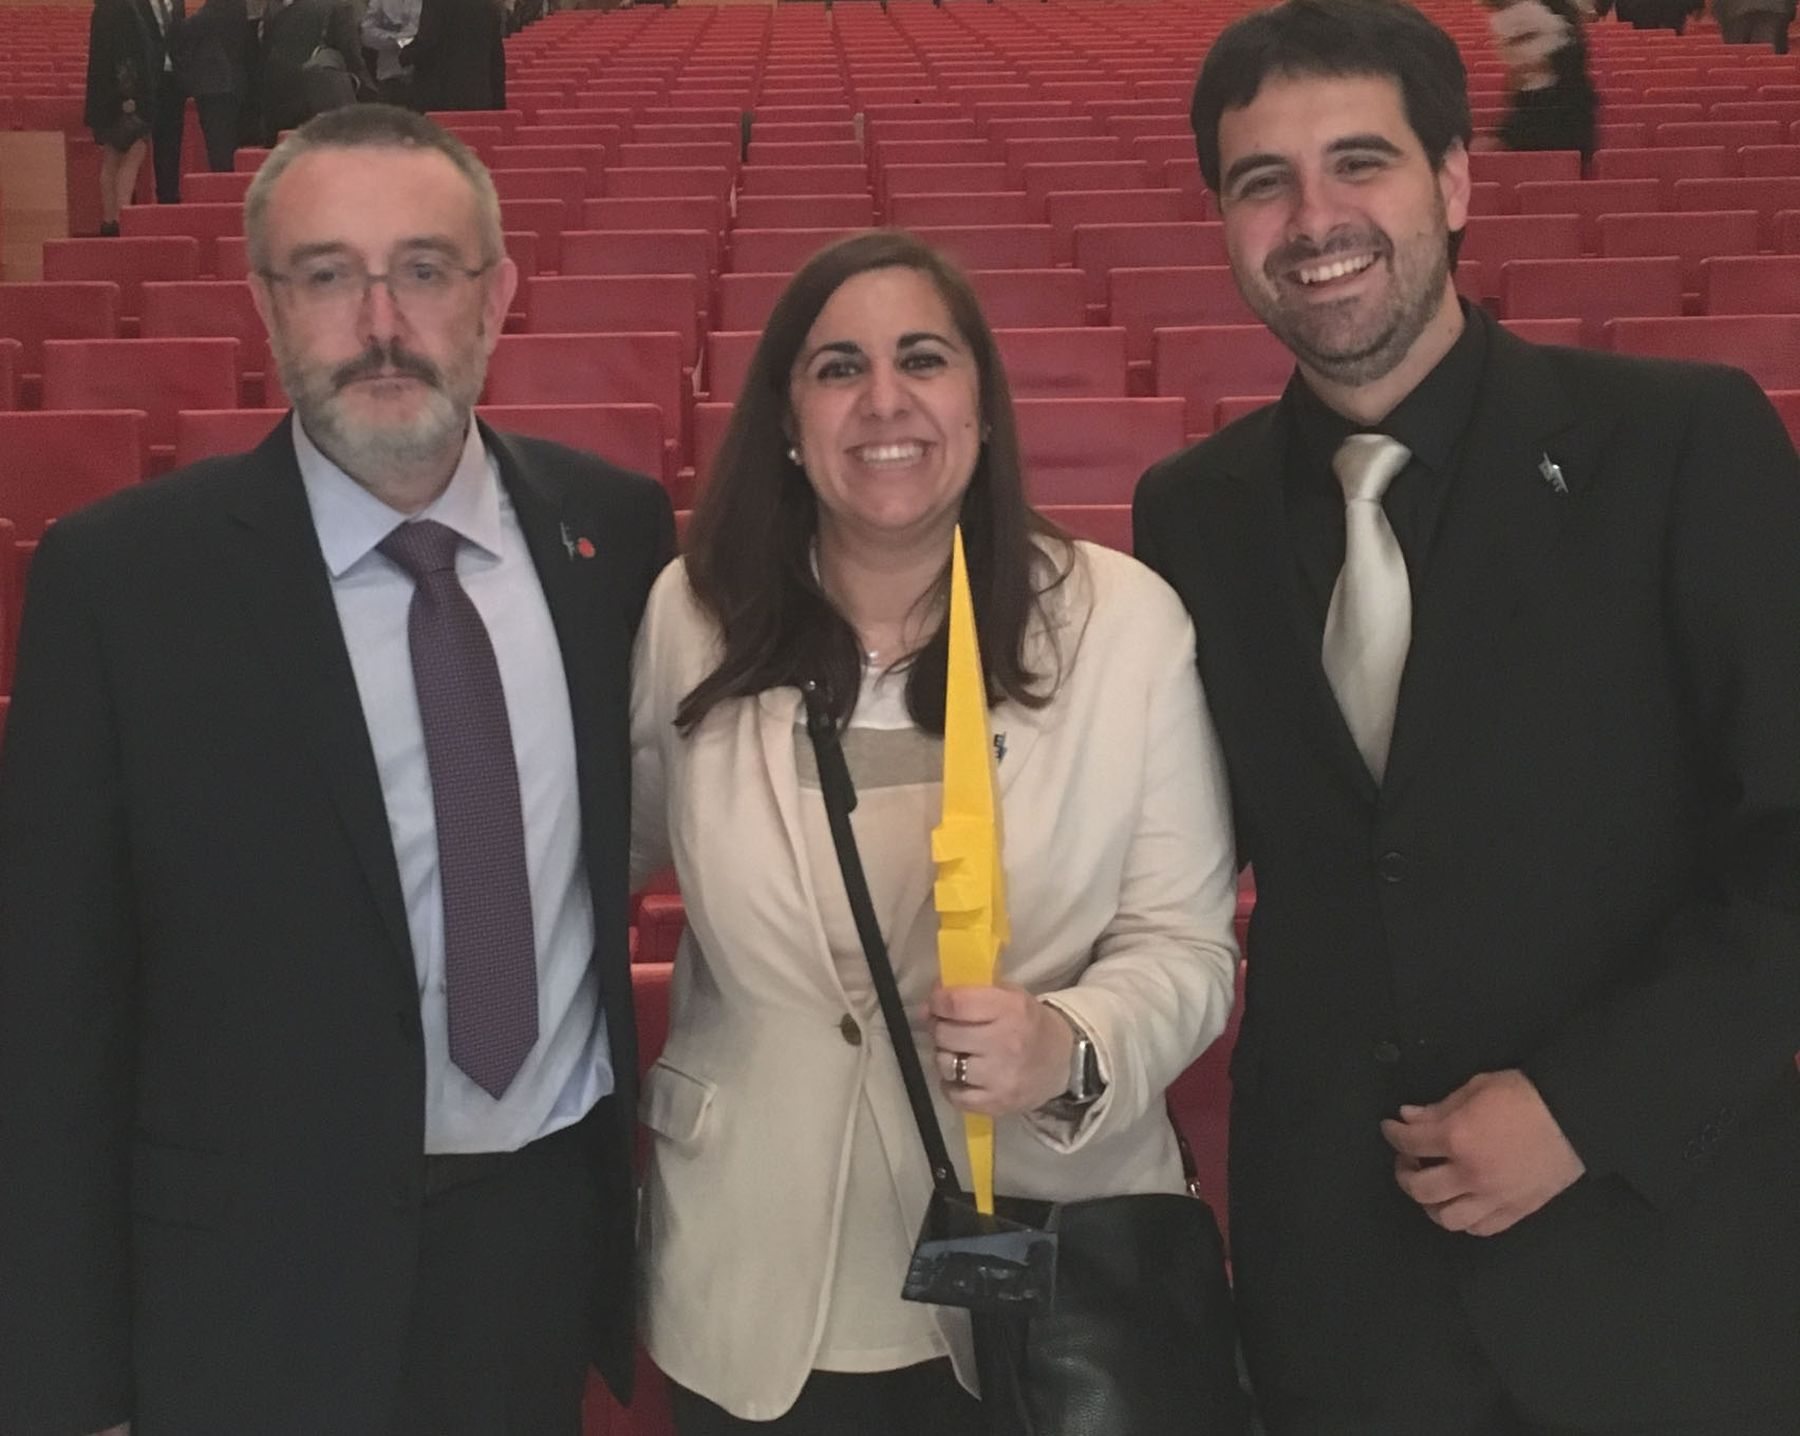 Los investigadores Luis Gandía (izda), Cristina Salazar y Fernando Bimbela (dcha), con el trofeo logrado en el concurso SciencEkaitza.